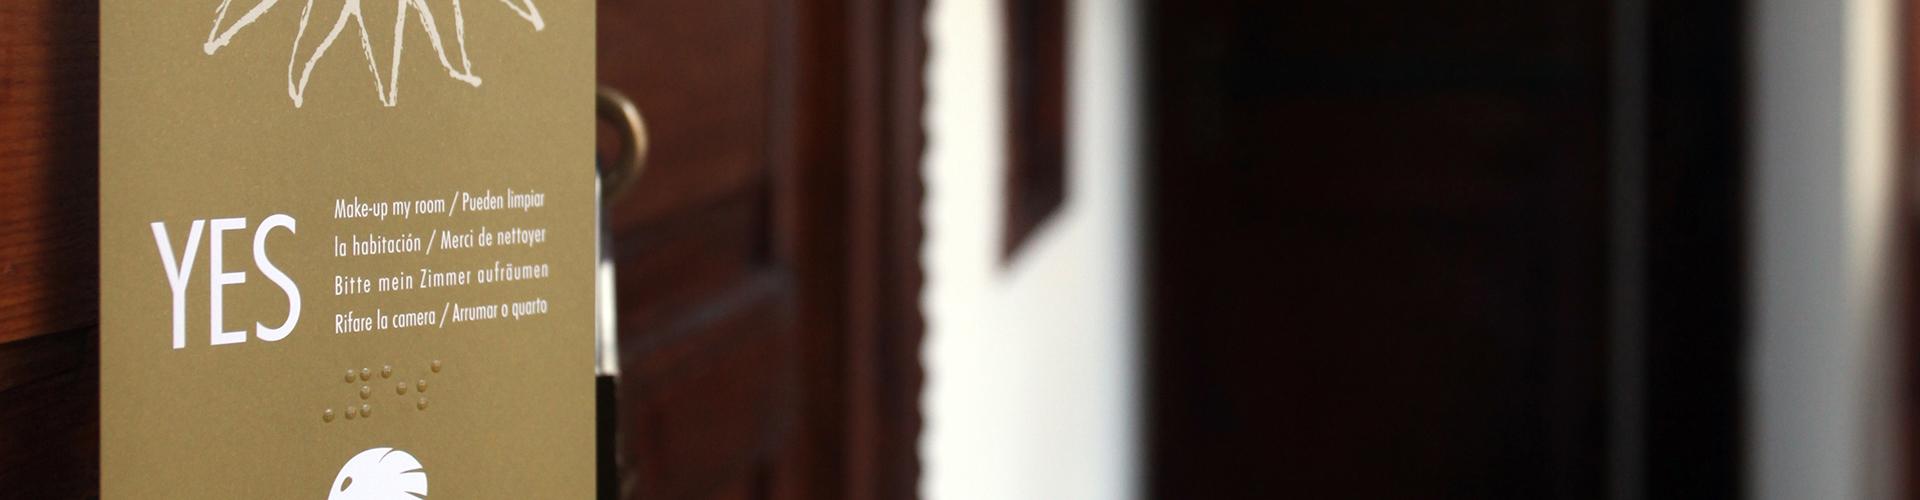 Colgador de puerta con braille en el Riad-de-la-belle-epoque, Marrakech